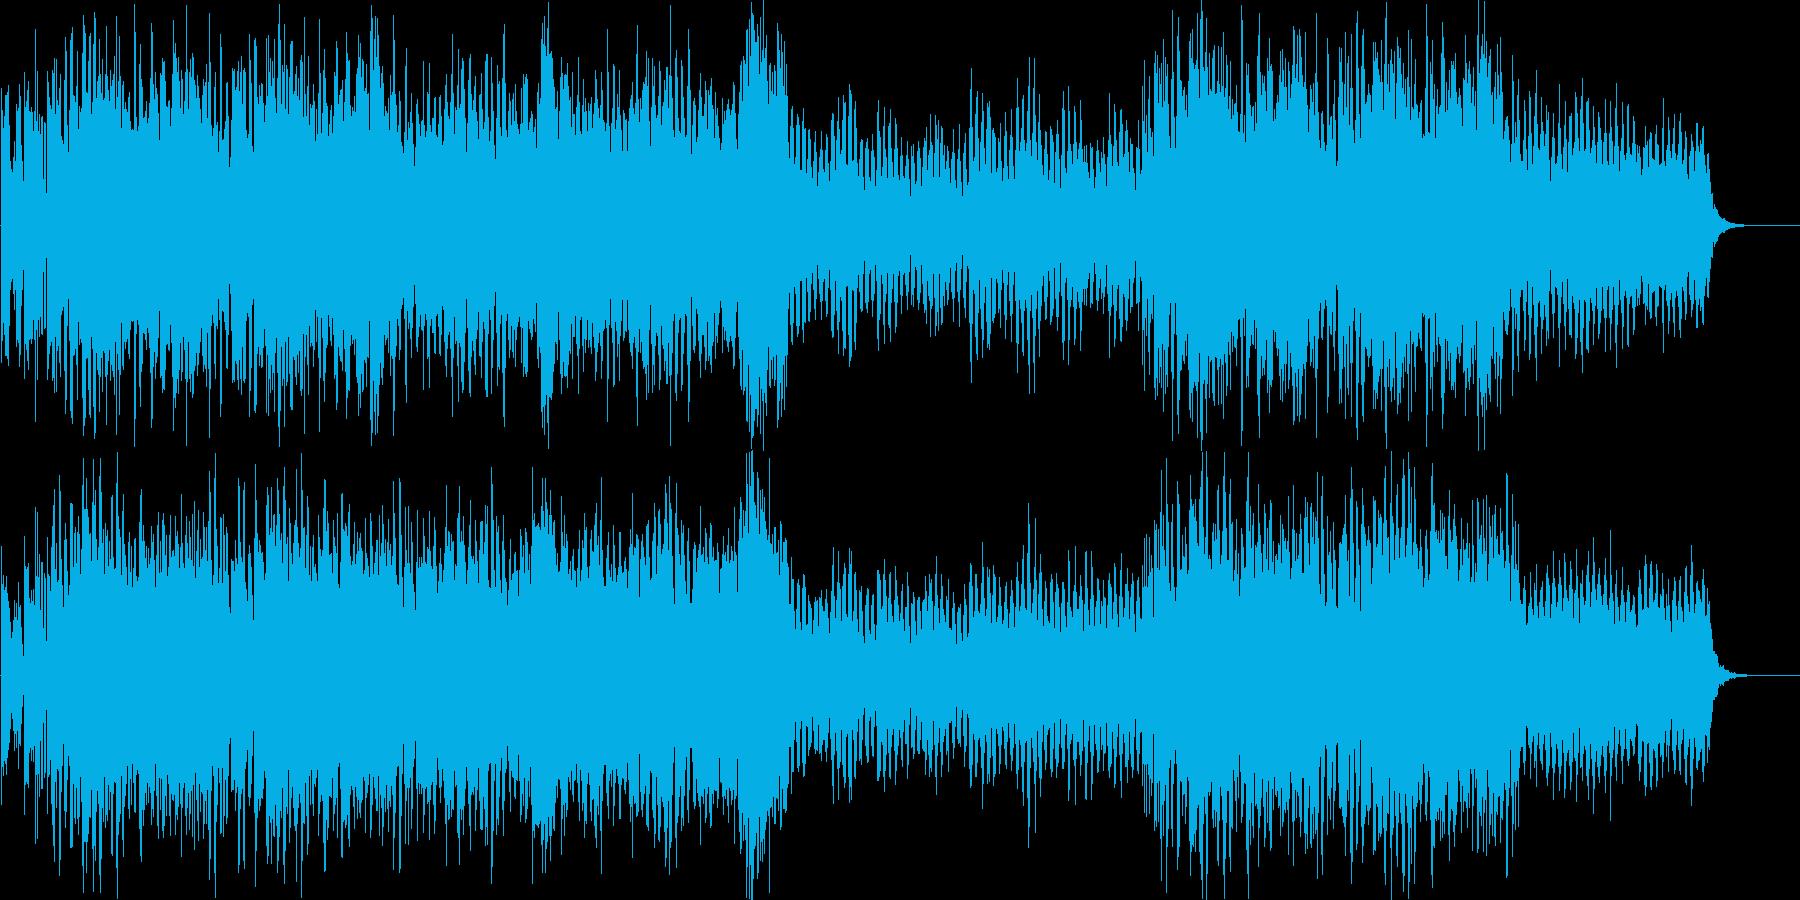 キラキラした明るい冬のBGMの再生済みの波形